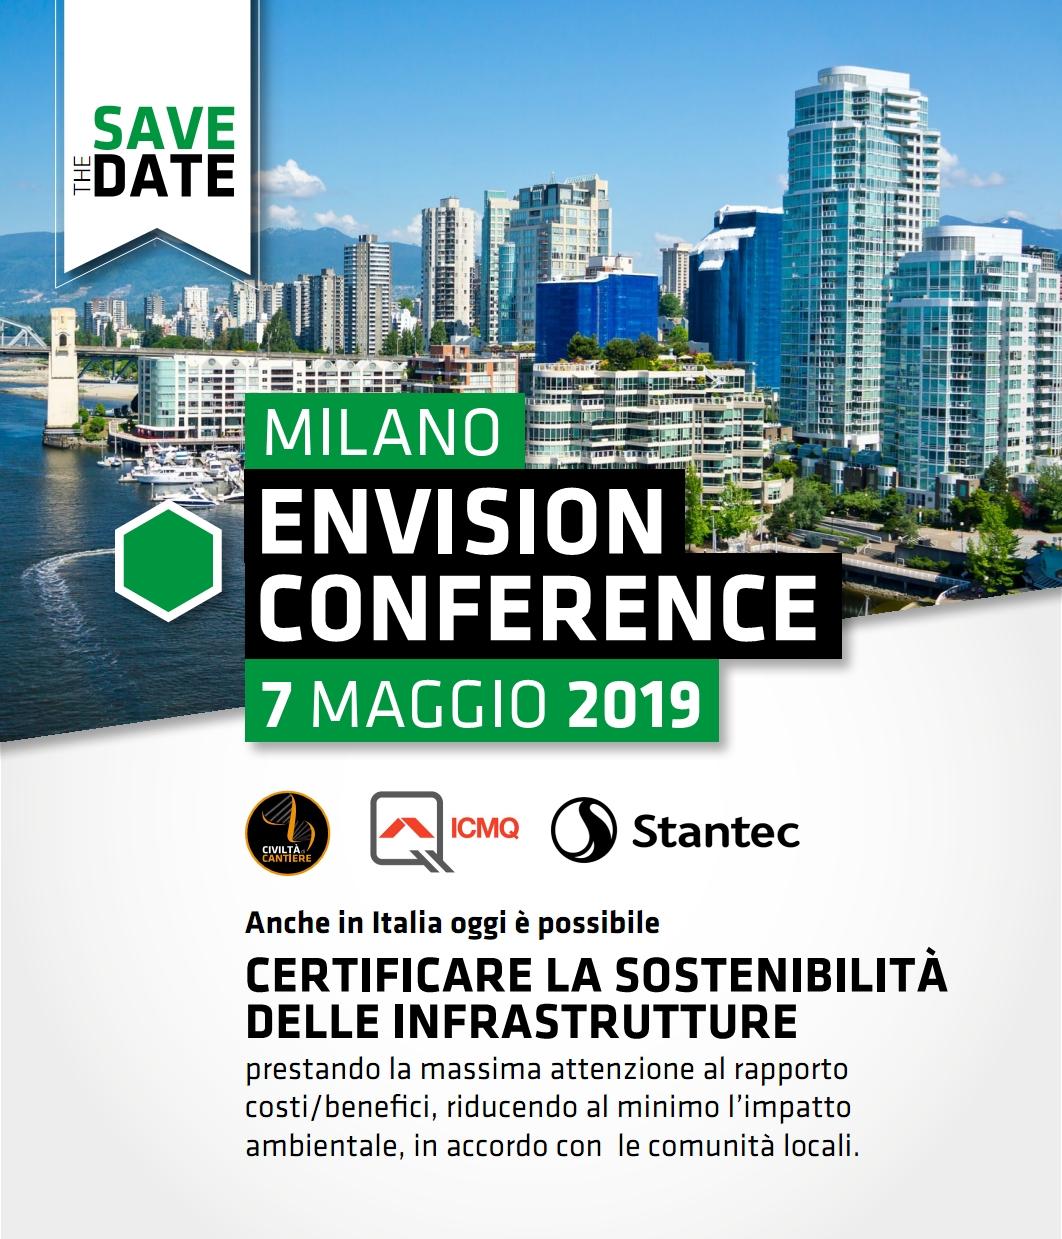 Envision Conference, 7 Maggio A Milano